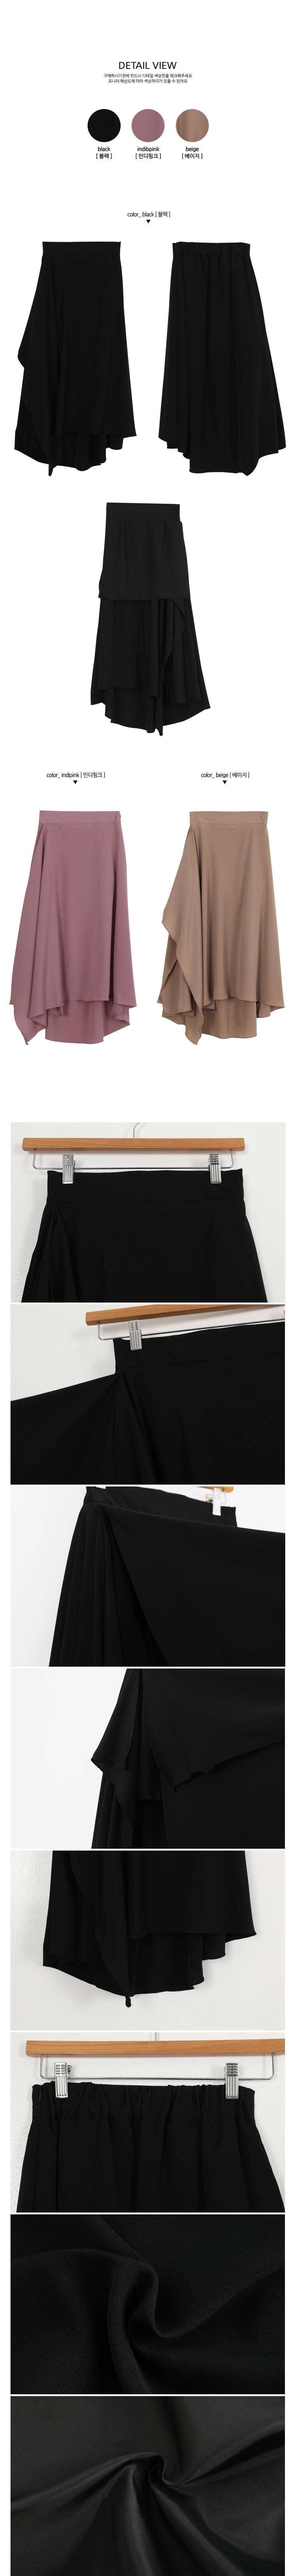 Lond flared long skirt